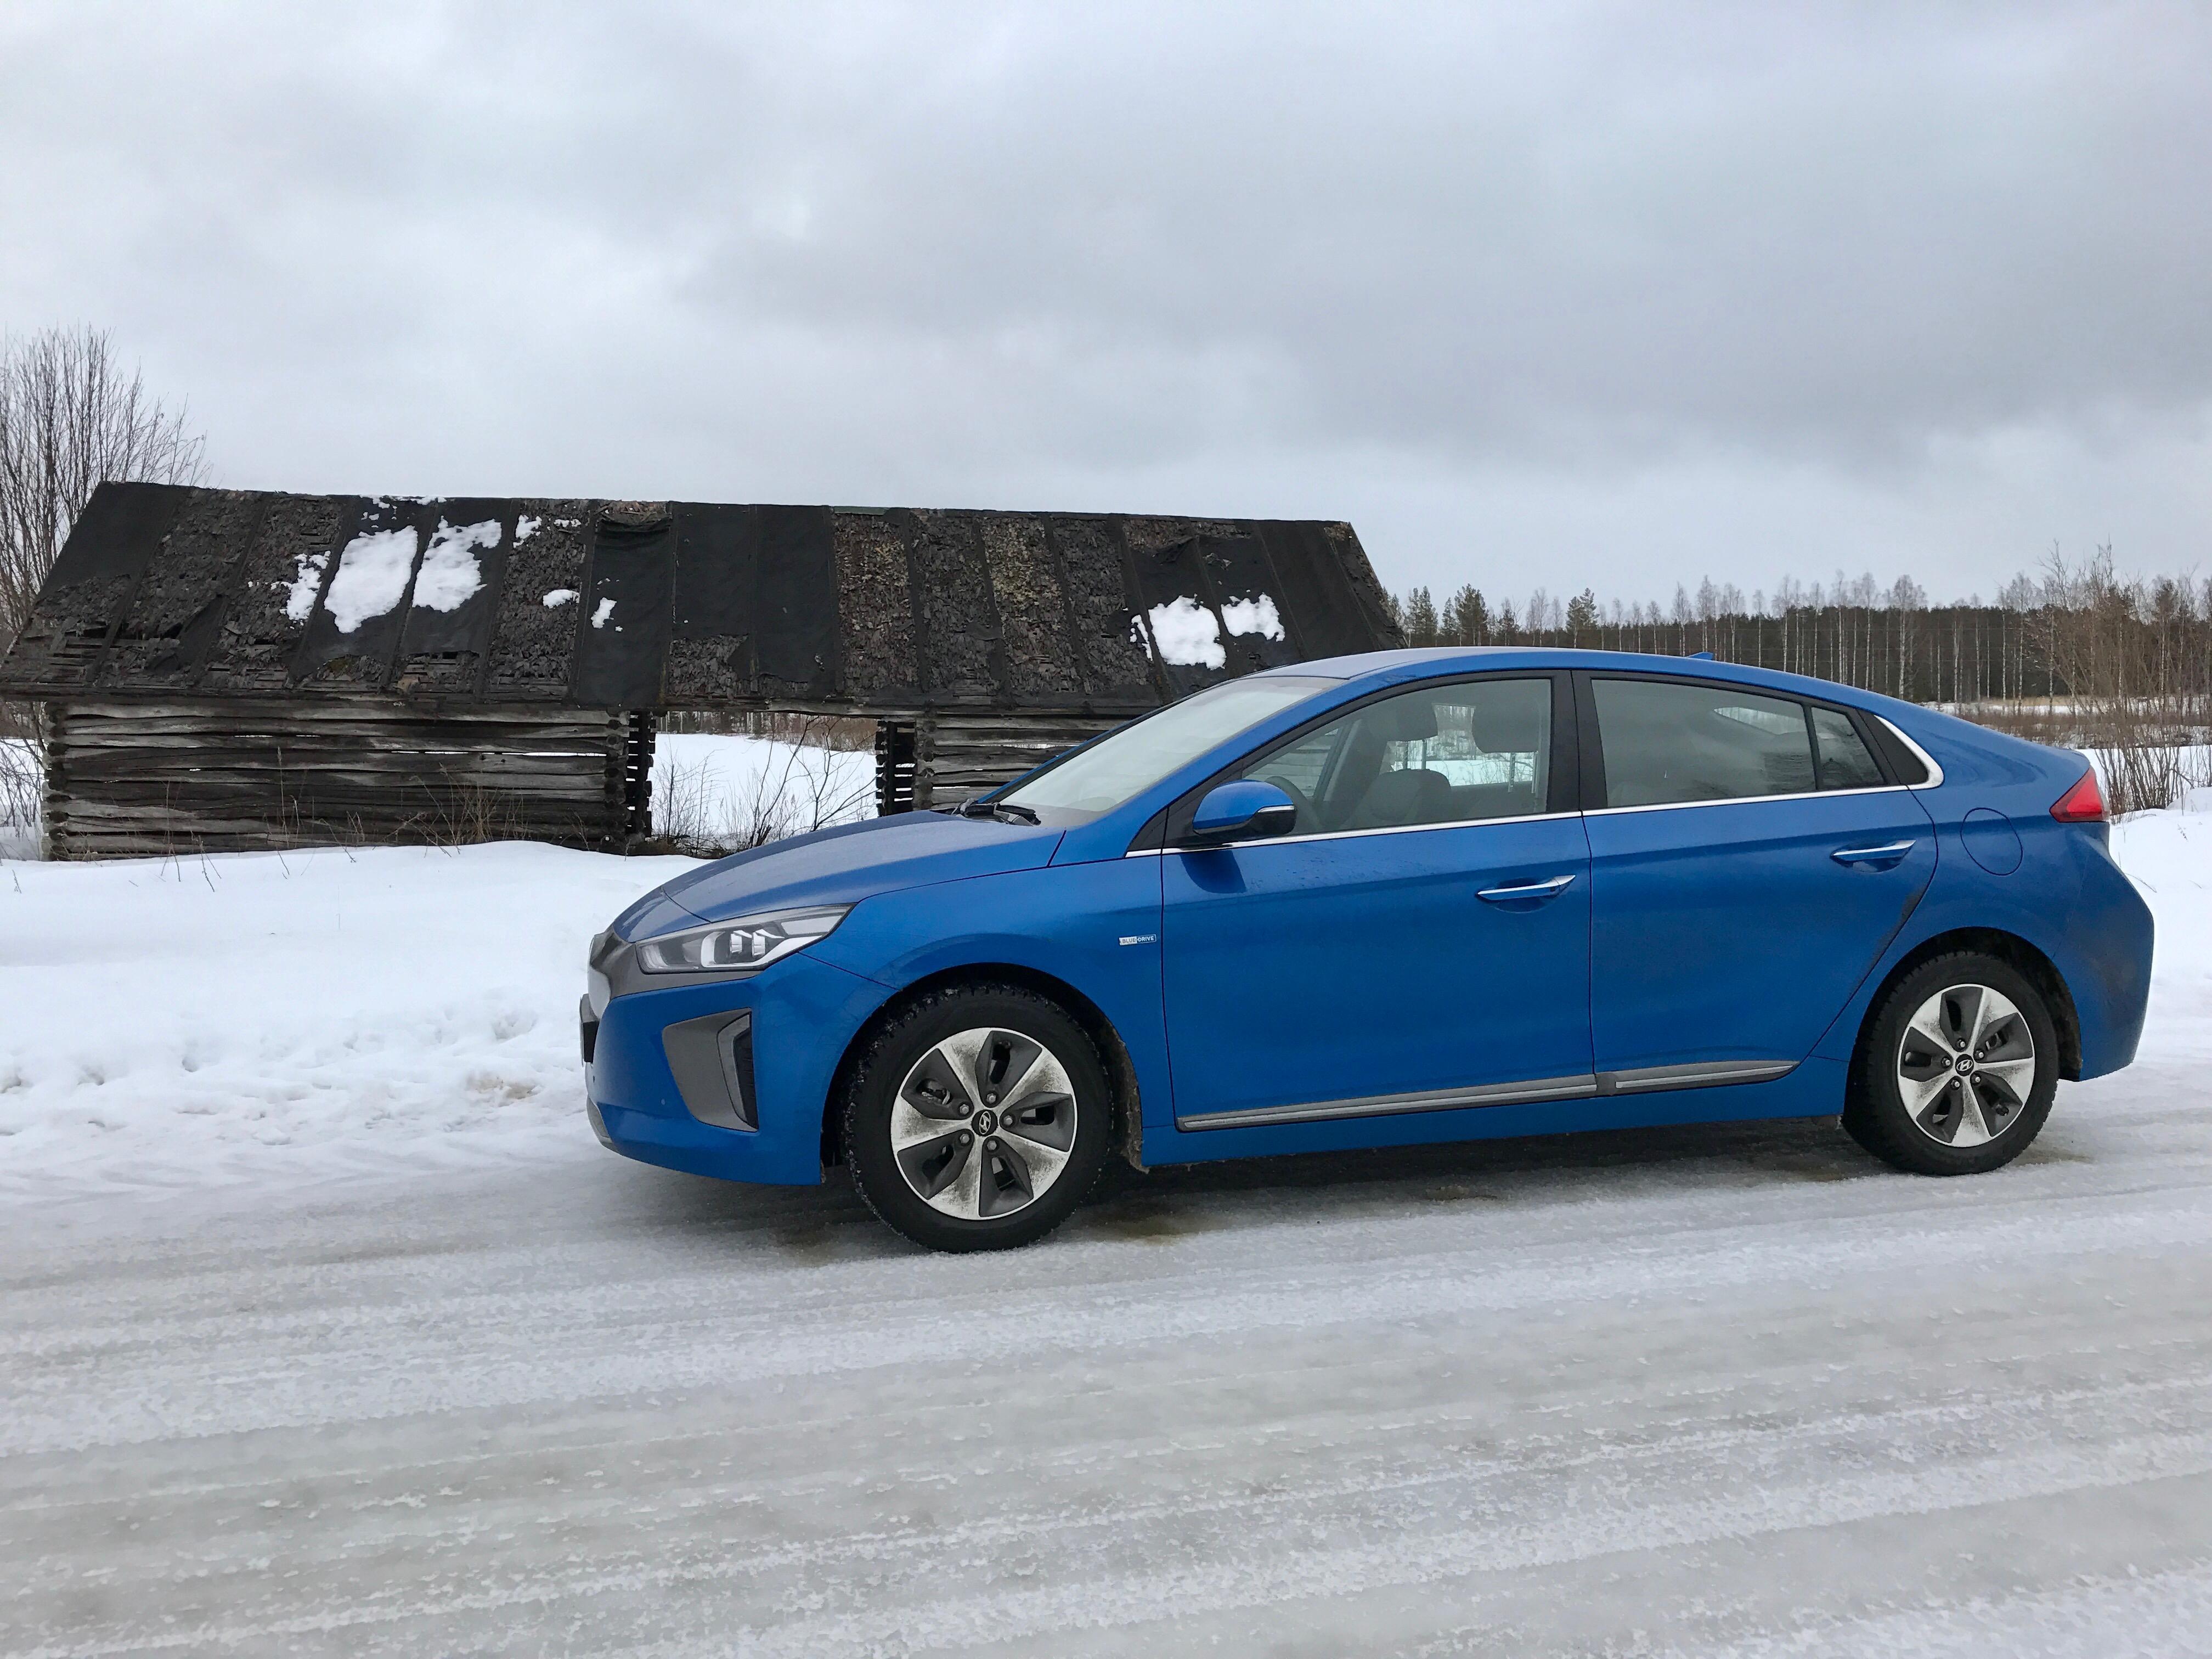 Talvella mökkeilemään sähköauto Hyundai Ioniqilla, 280 km matkatarina